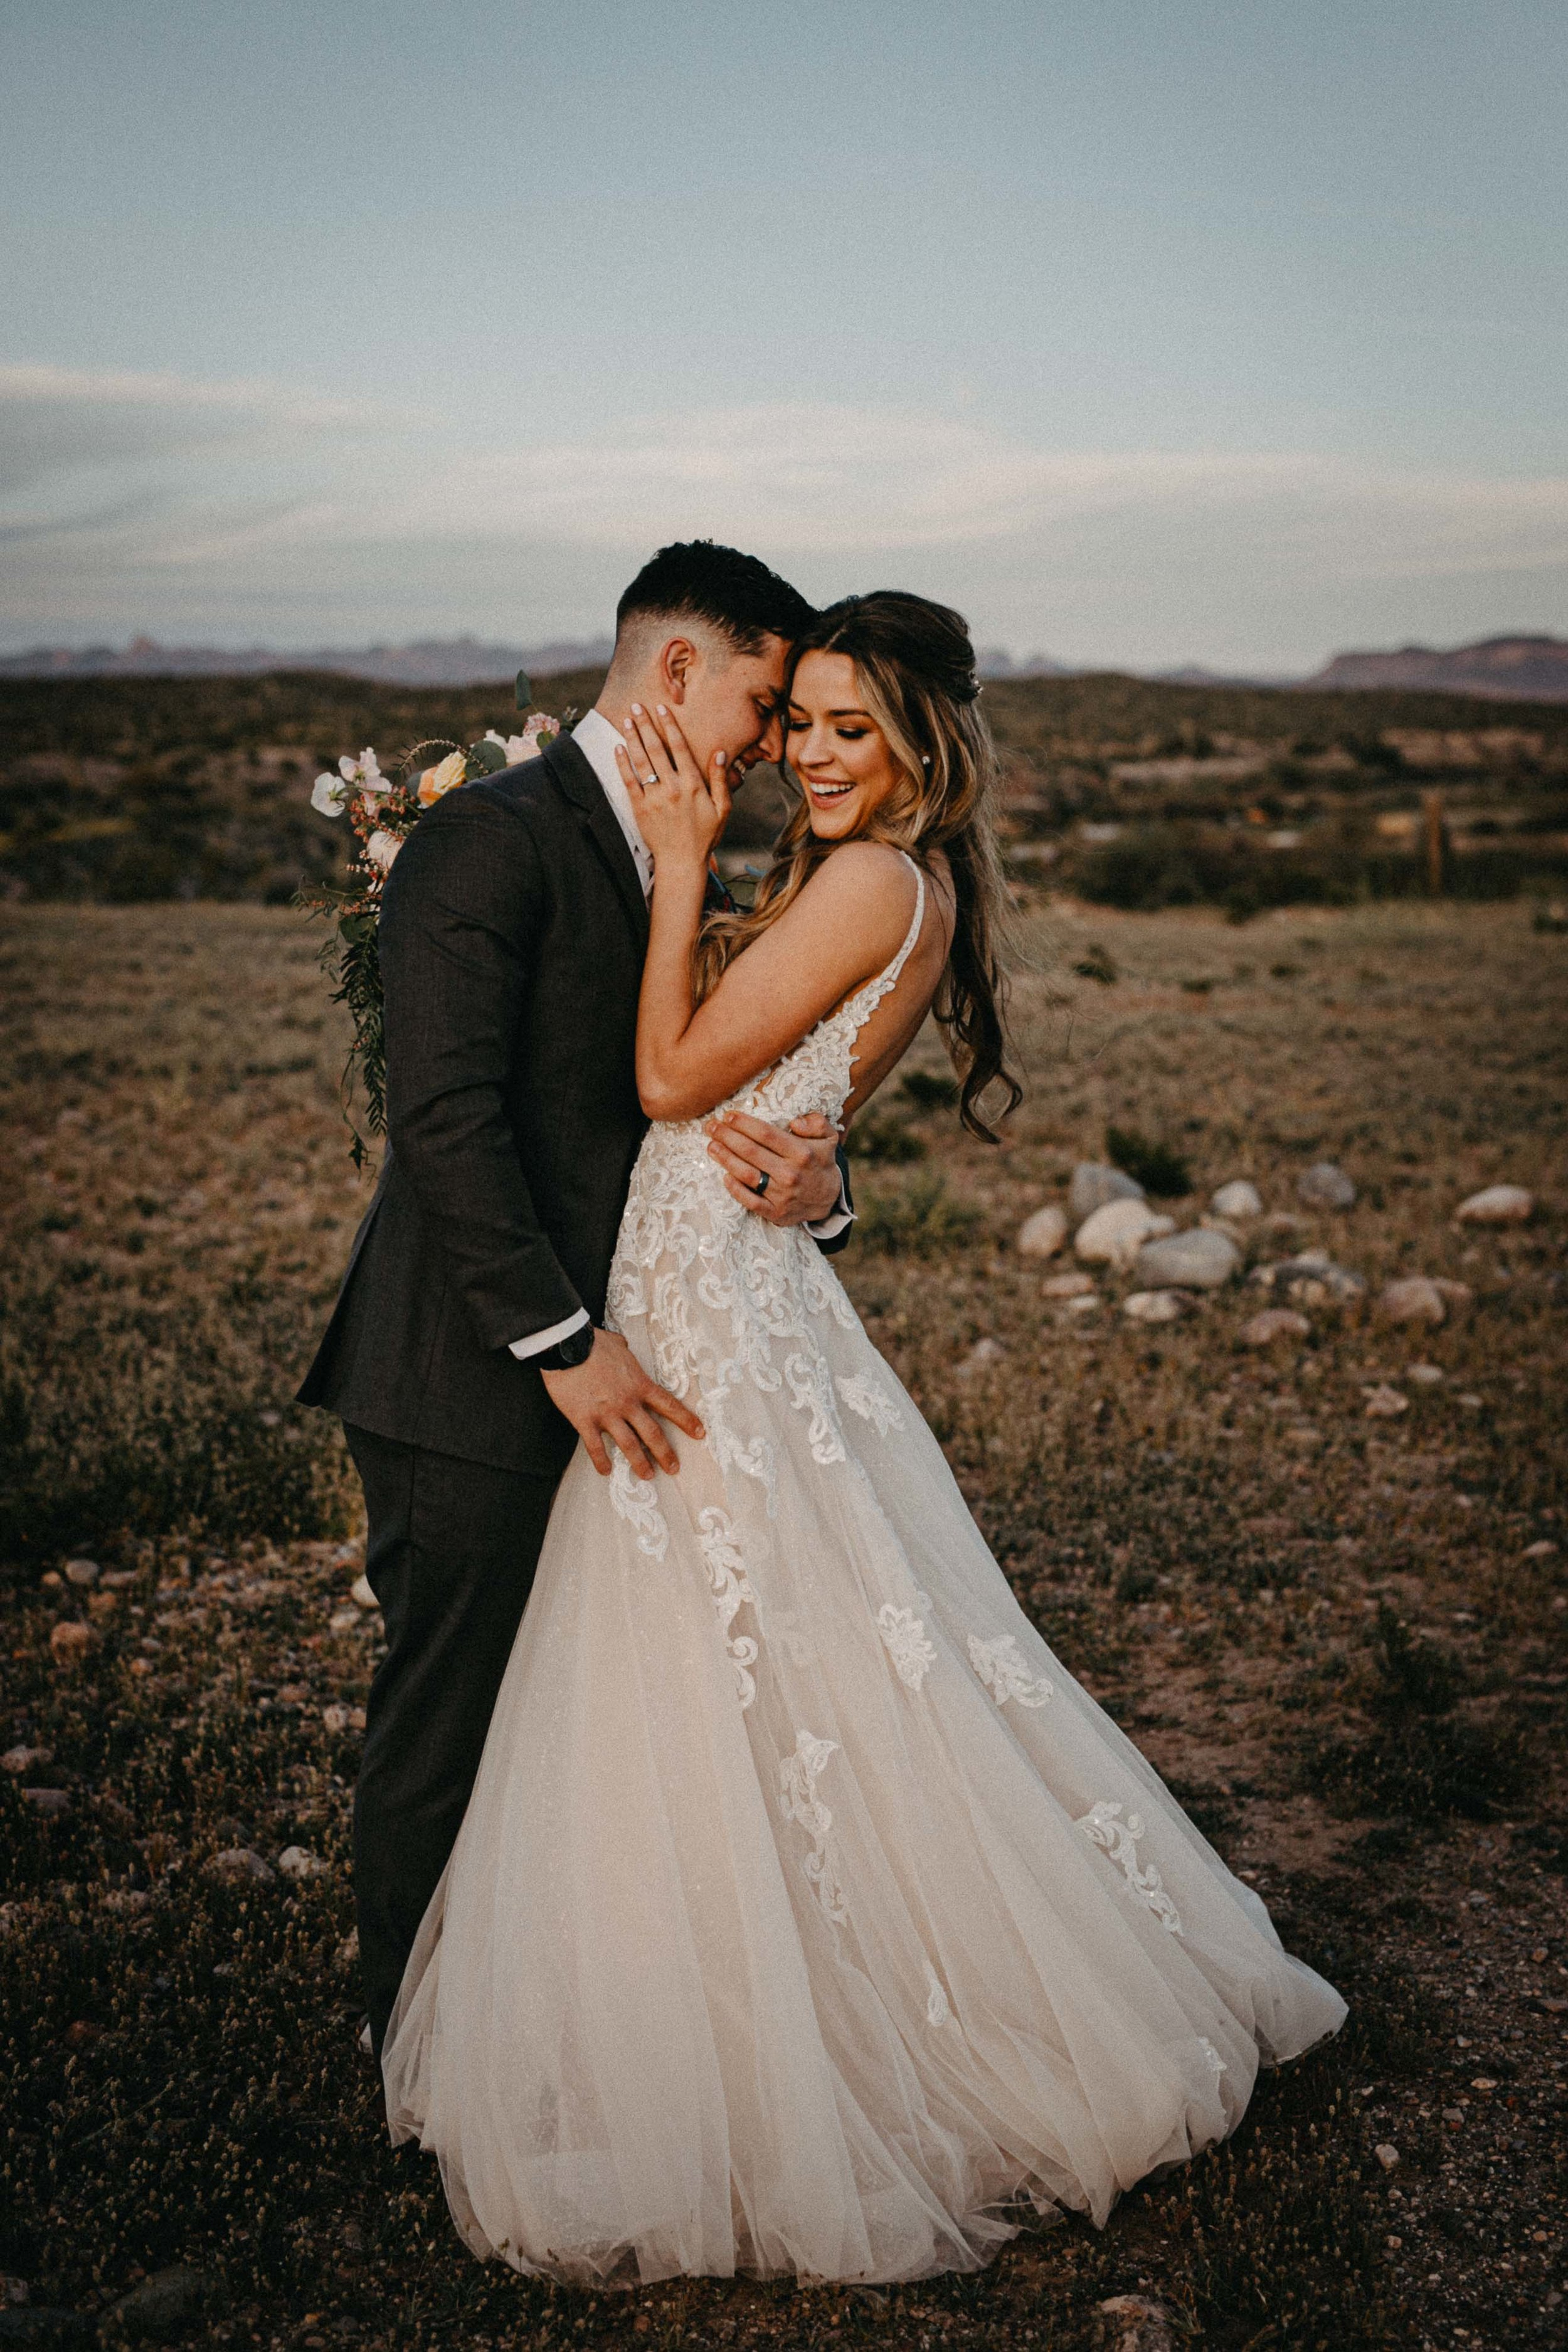 Wedding-1-52.jpg